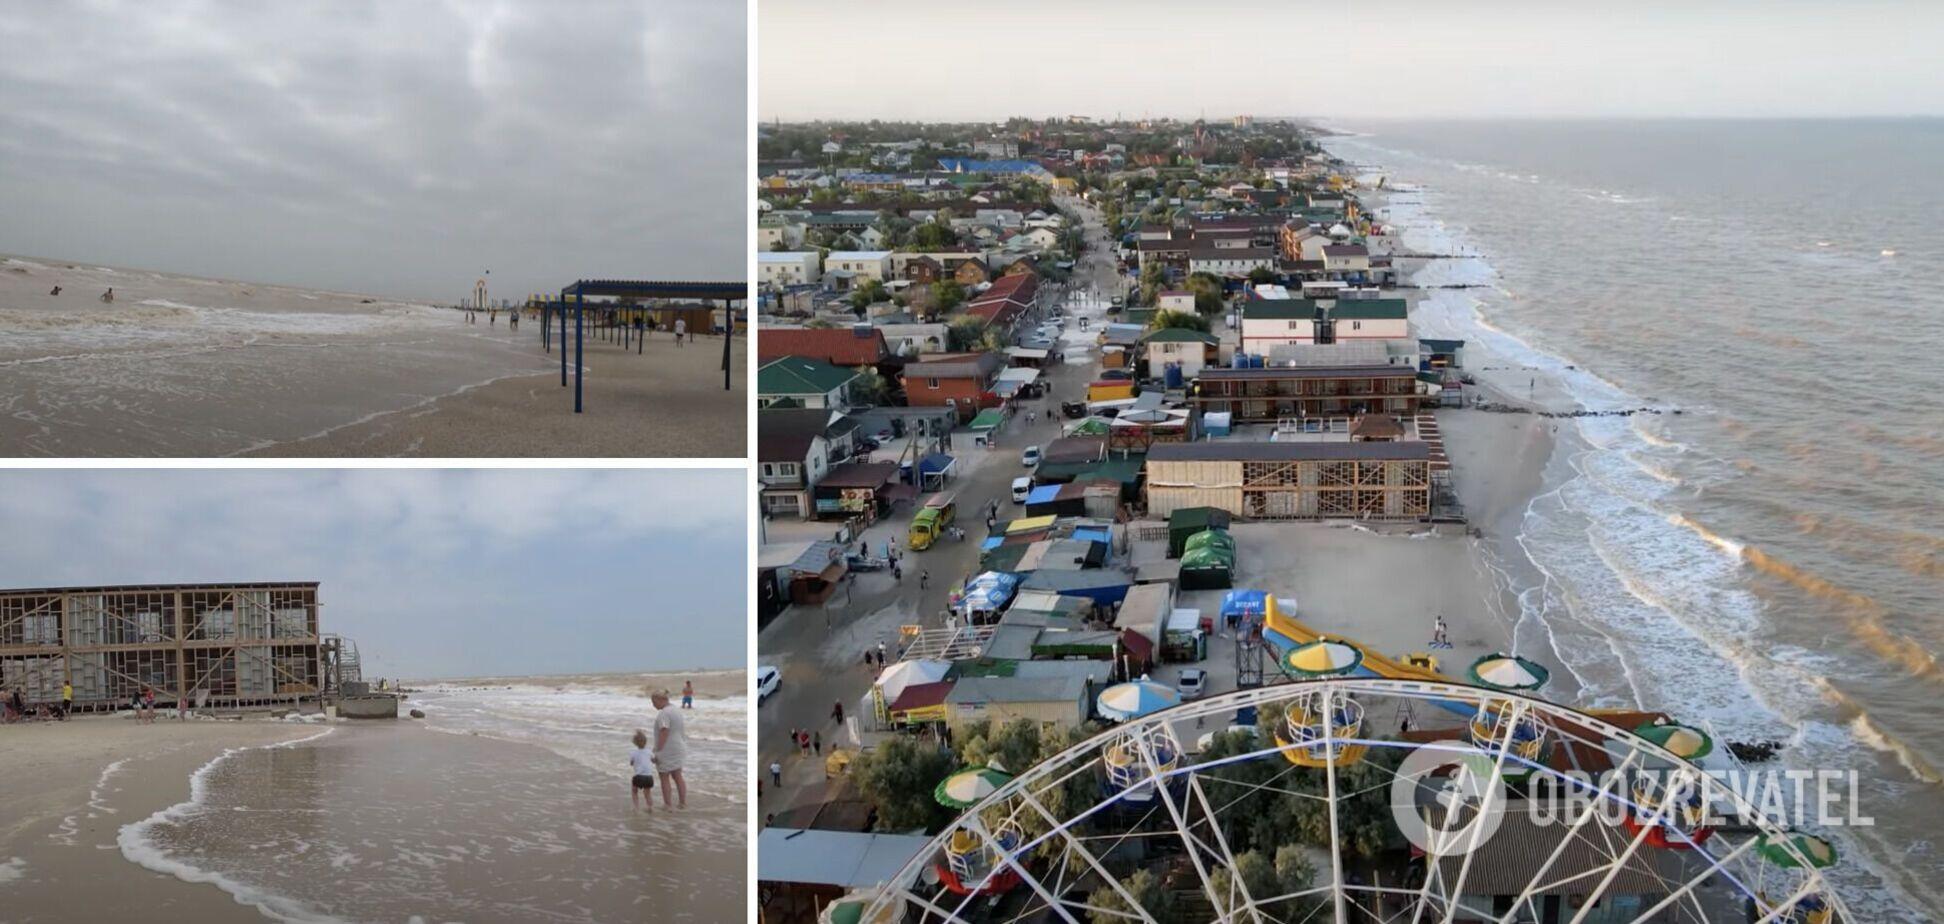 На Азовском побережье поднялся шторм и вода стала коричневого цвета